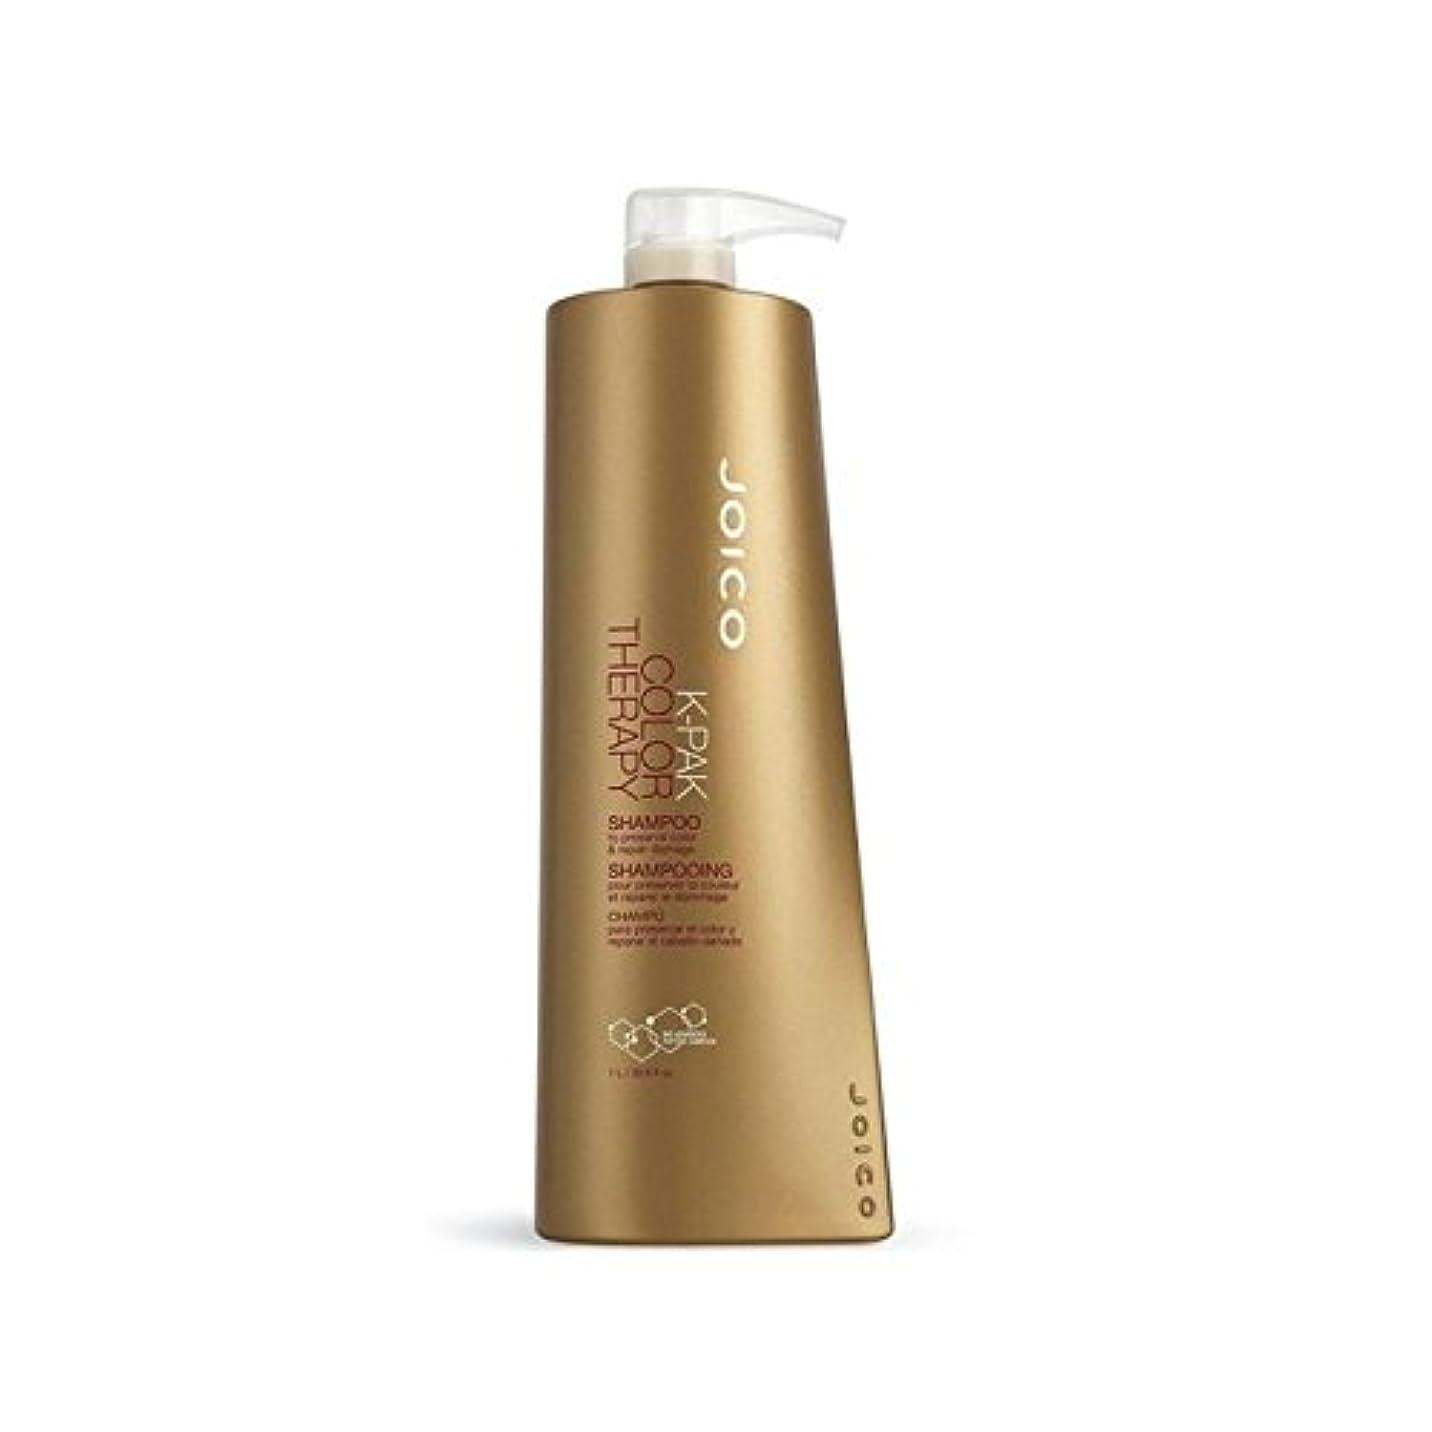 ふさわしい返還形ジョイコ-のカラーセラピーシャンプー(千ミリリットル) x2 - Joico K-Pak Color Therapy Shampoo (1000ml) (Pack of 2) [並行輸入品]